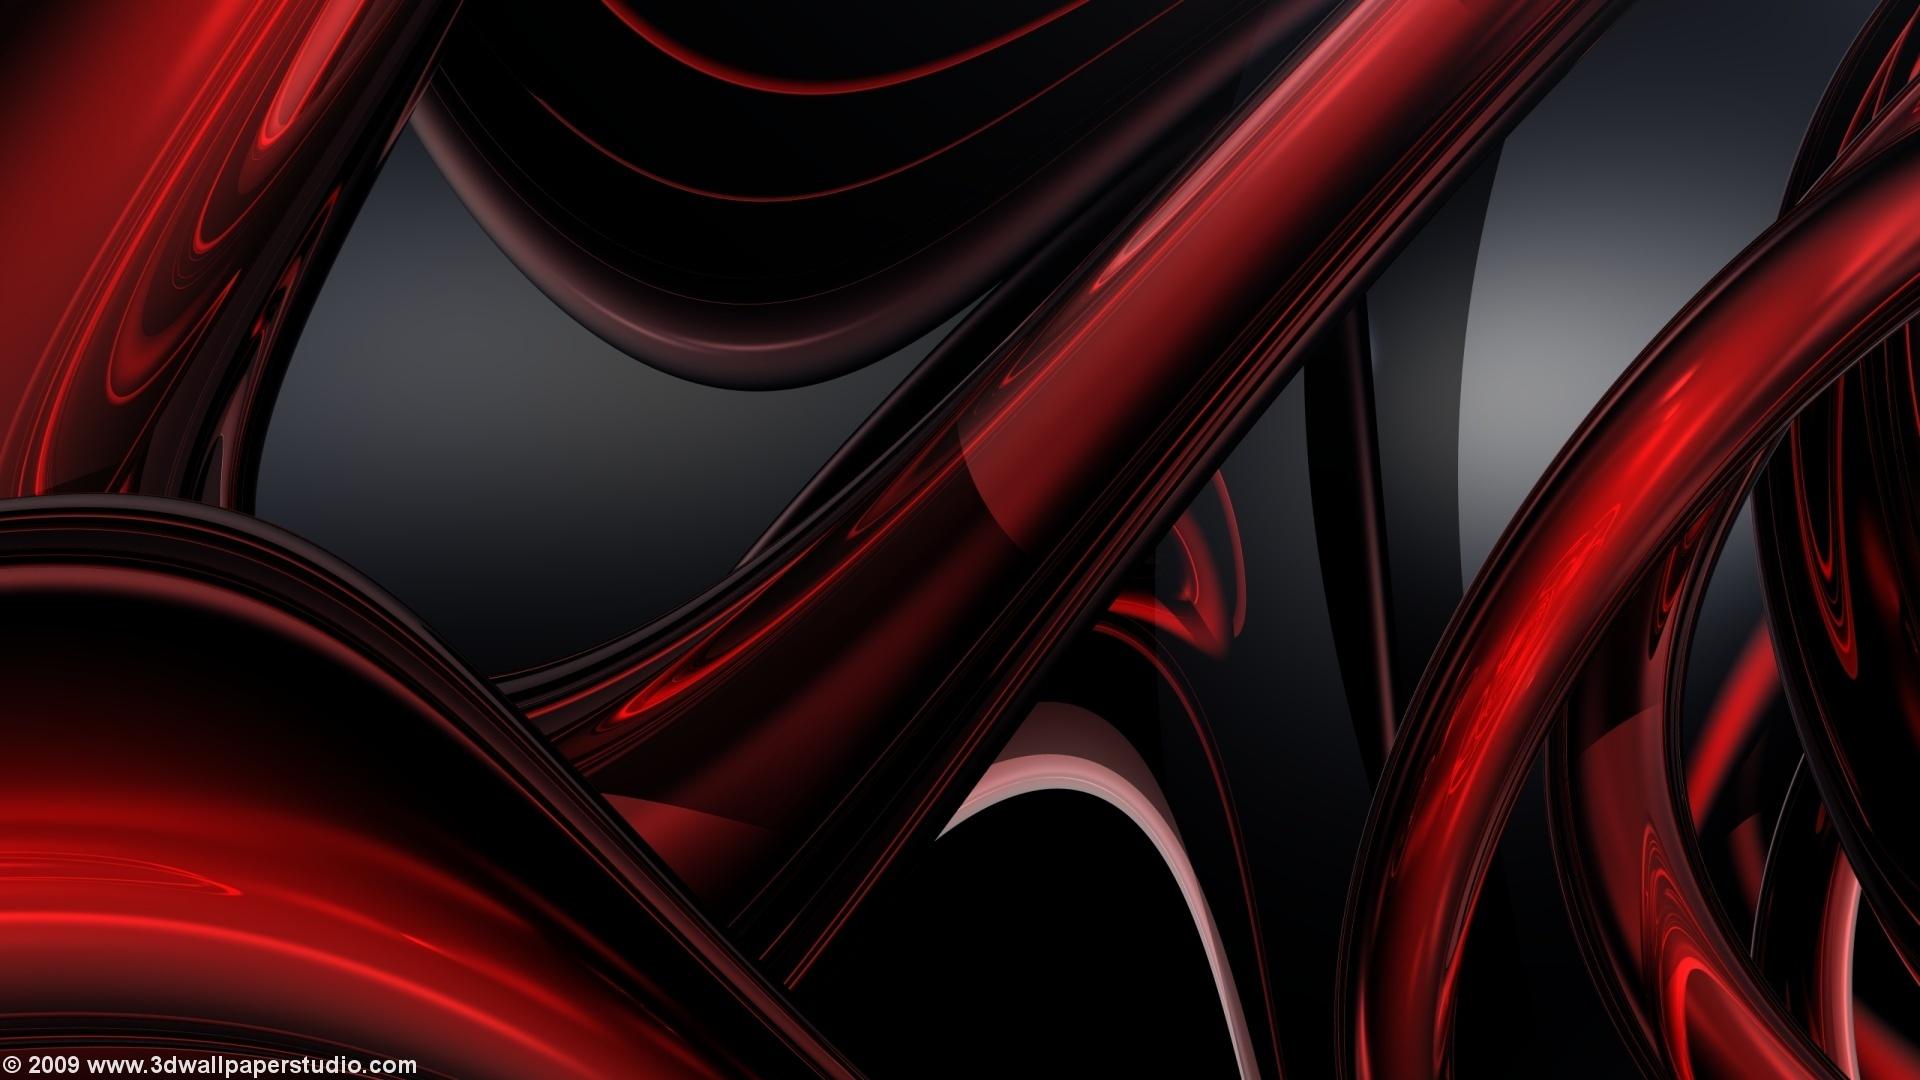 Red Abstract HD Wallpaper - WallpaperSafari